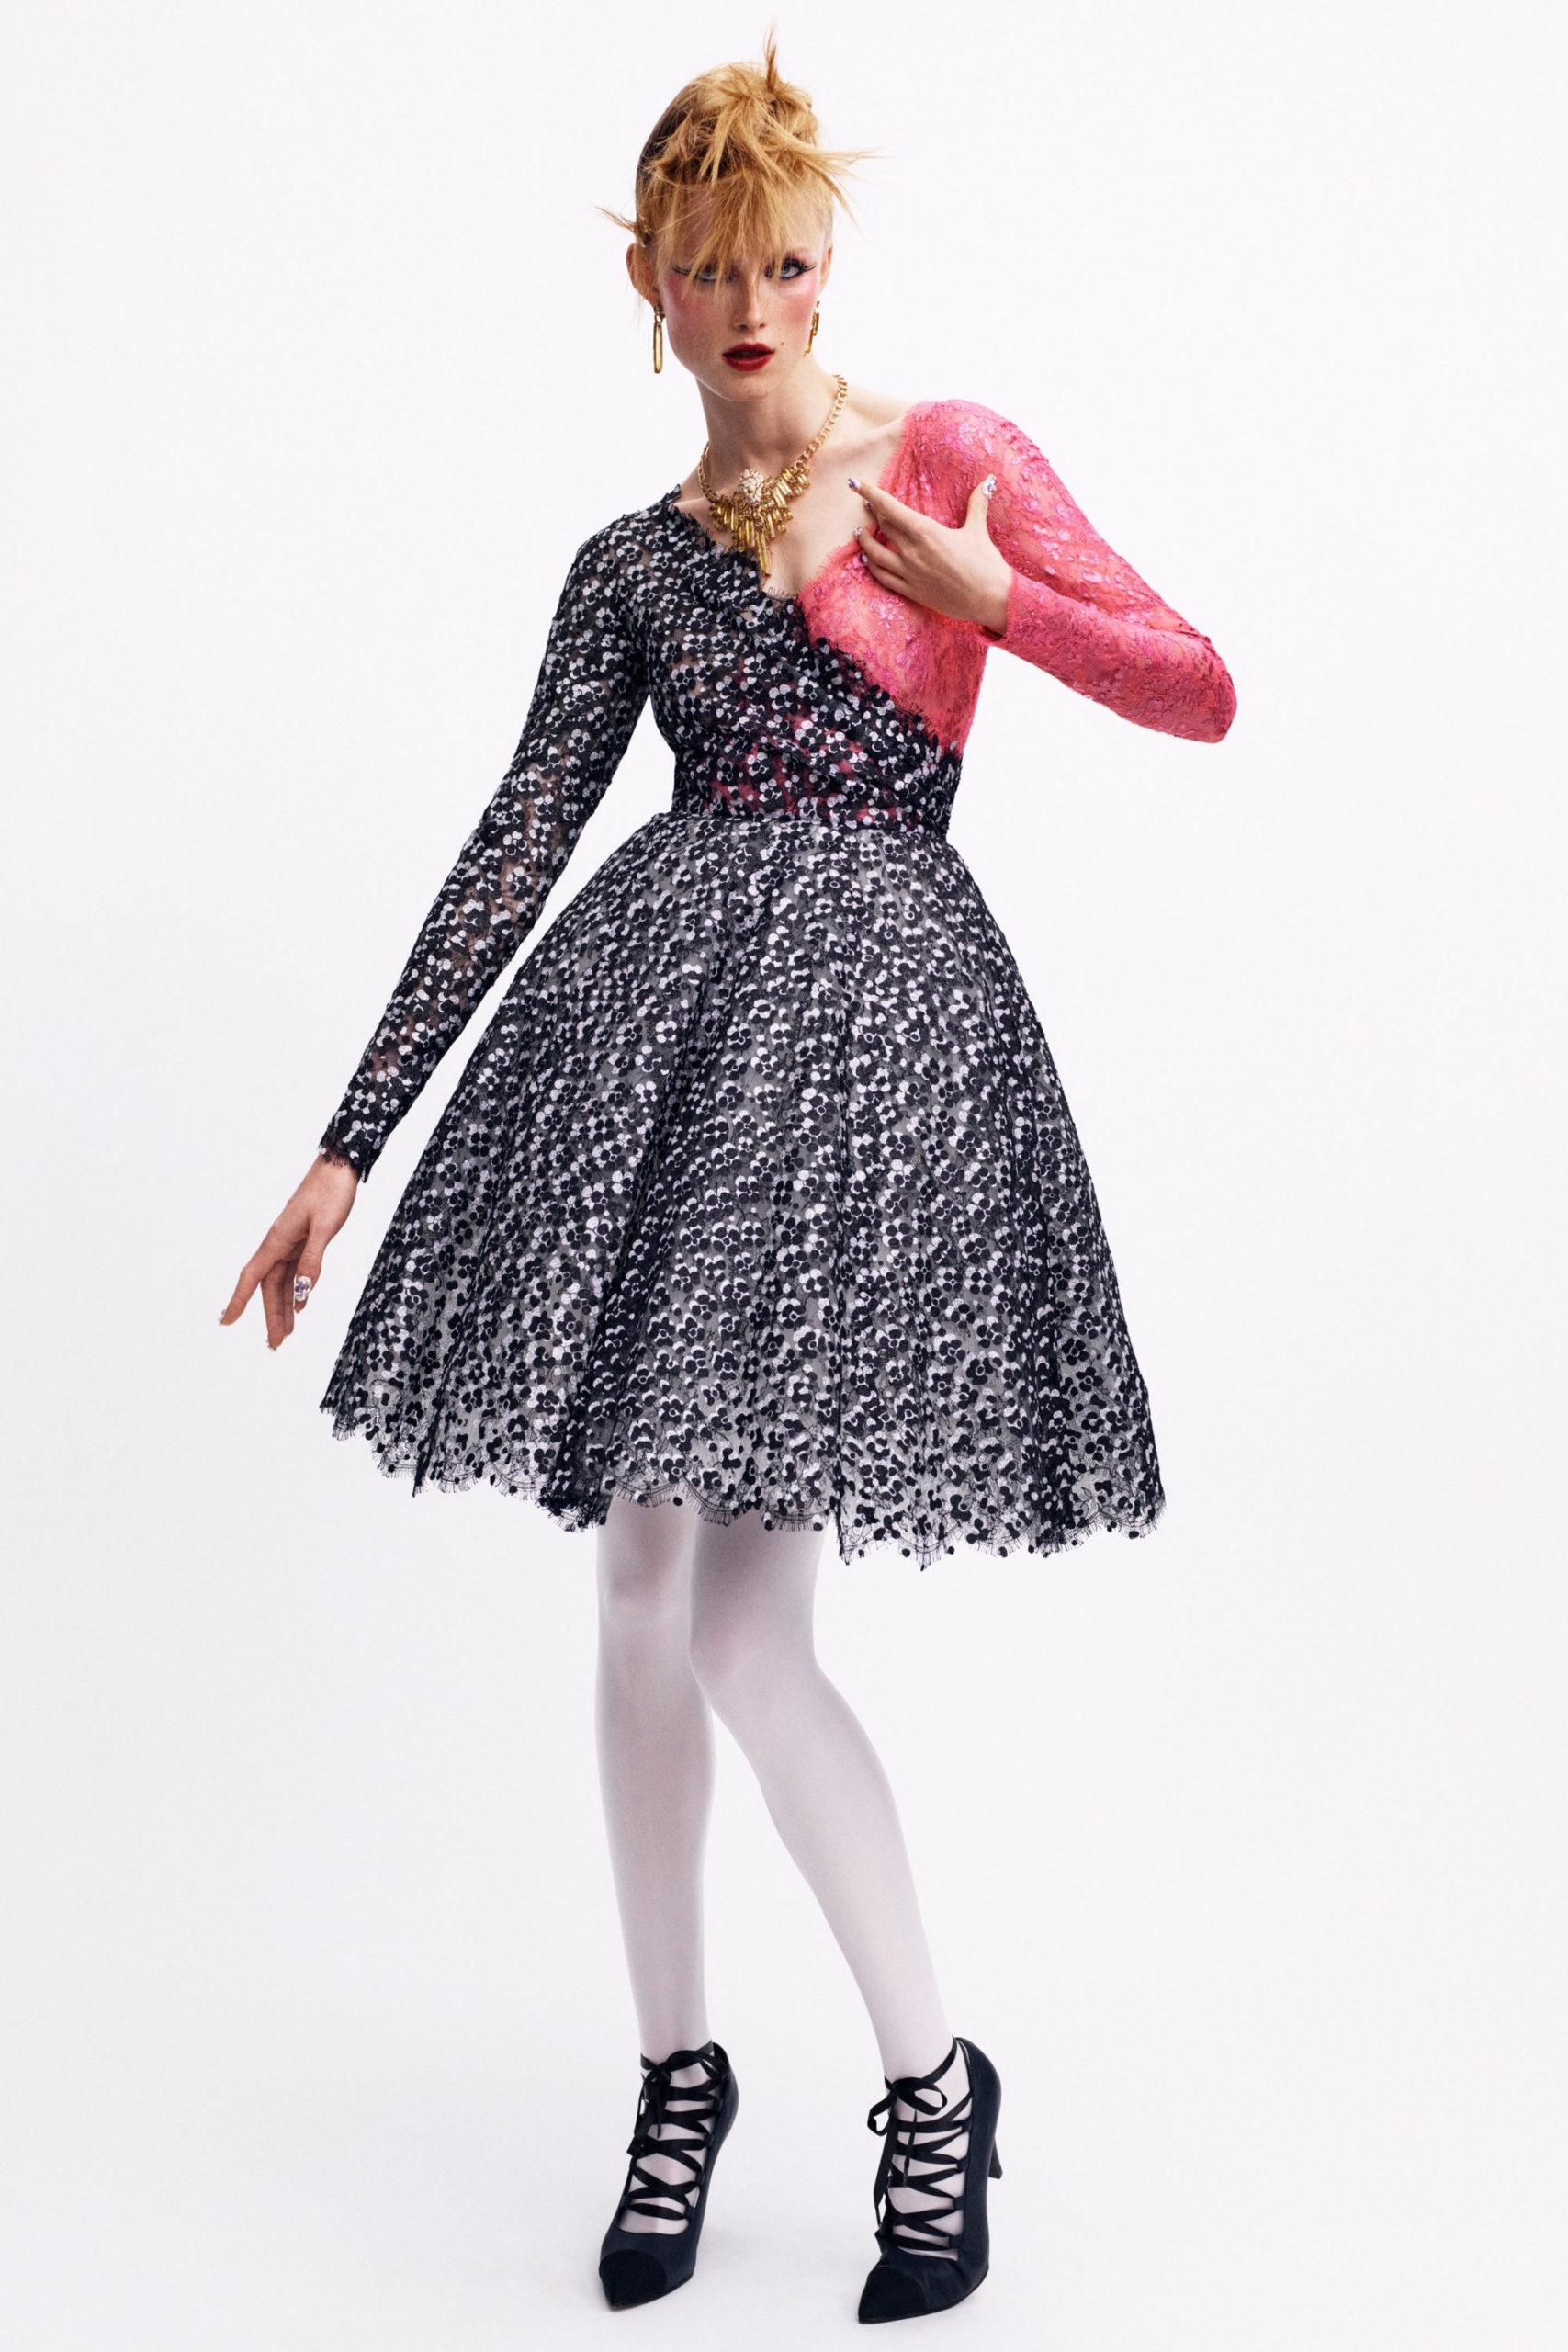 Платье с расклешённой статичной юбкой, платье выпускницы от Chanel ОСЕНЬ-ЗИМА 2020-2021, COUTURE, ПАРИЖ